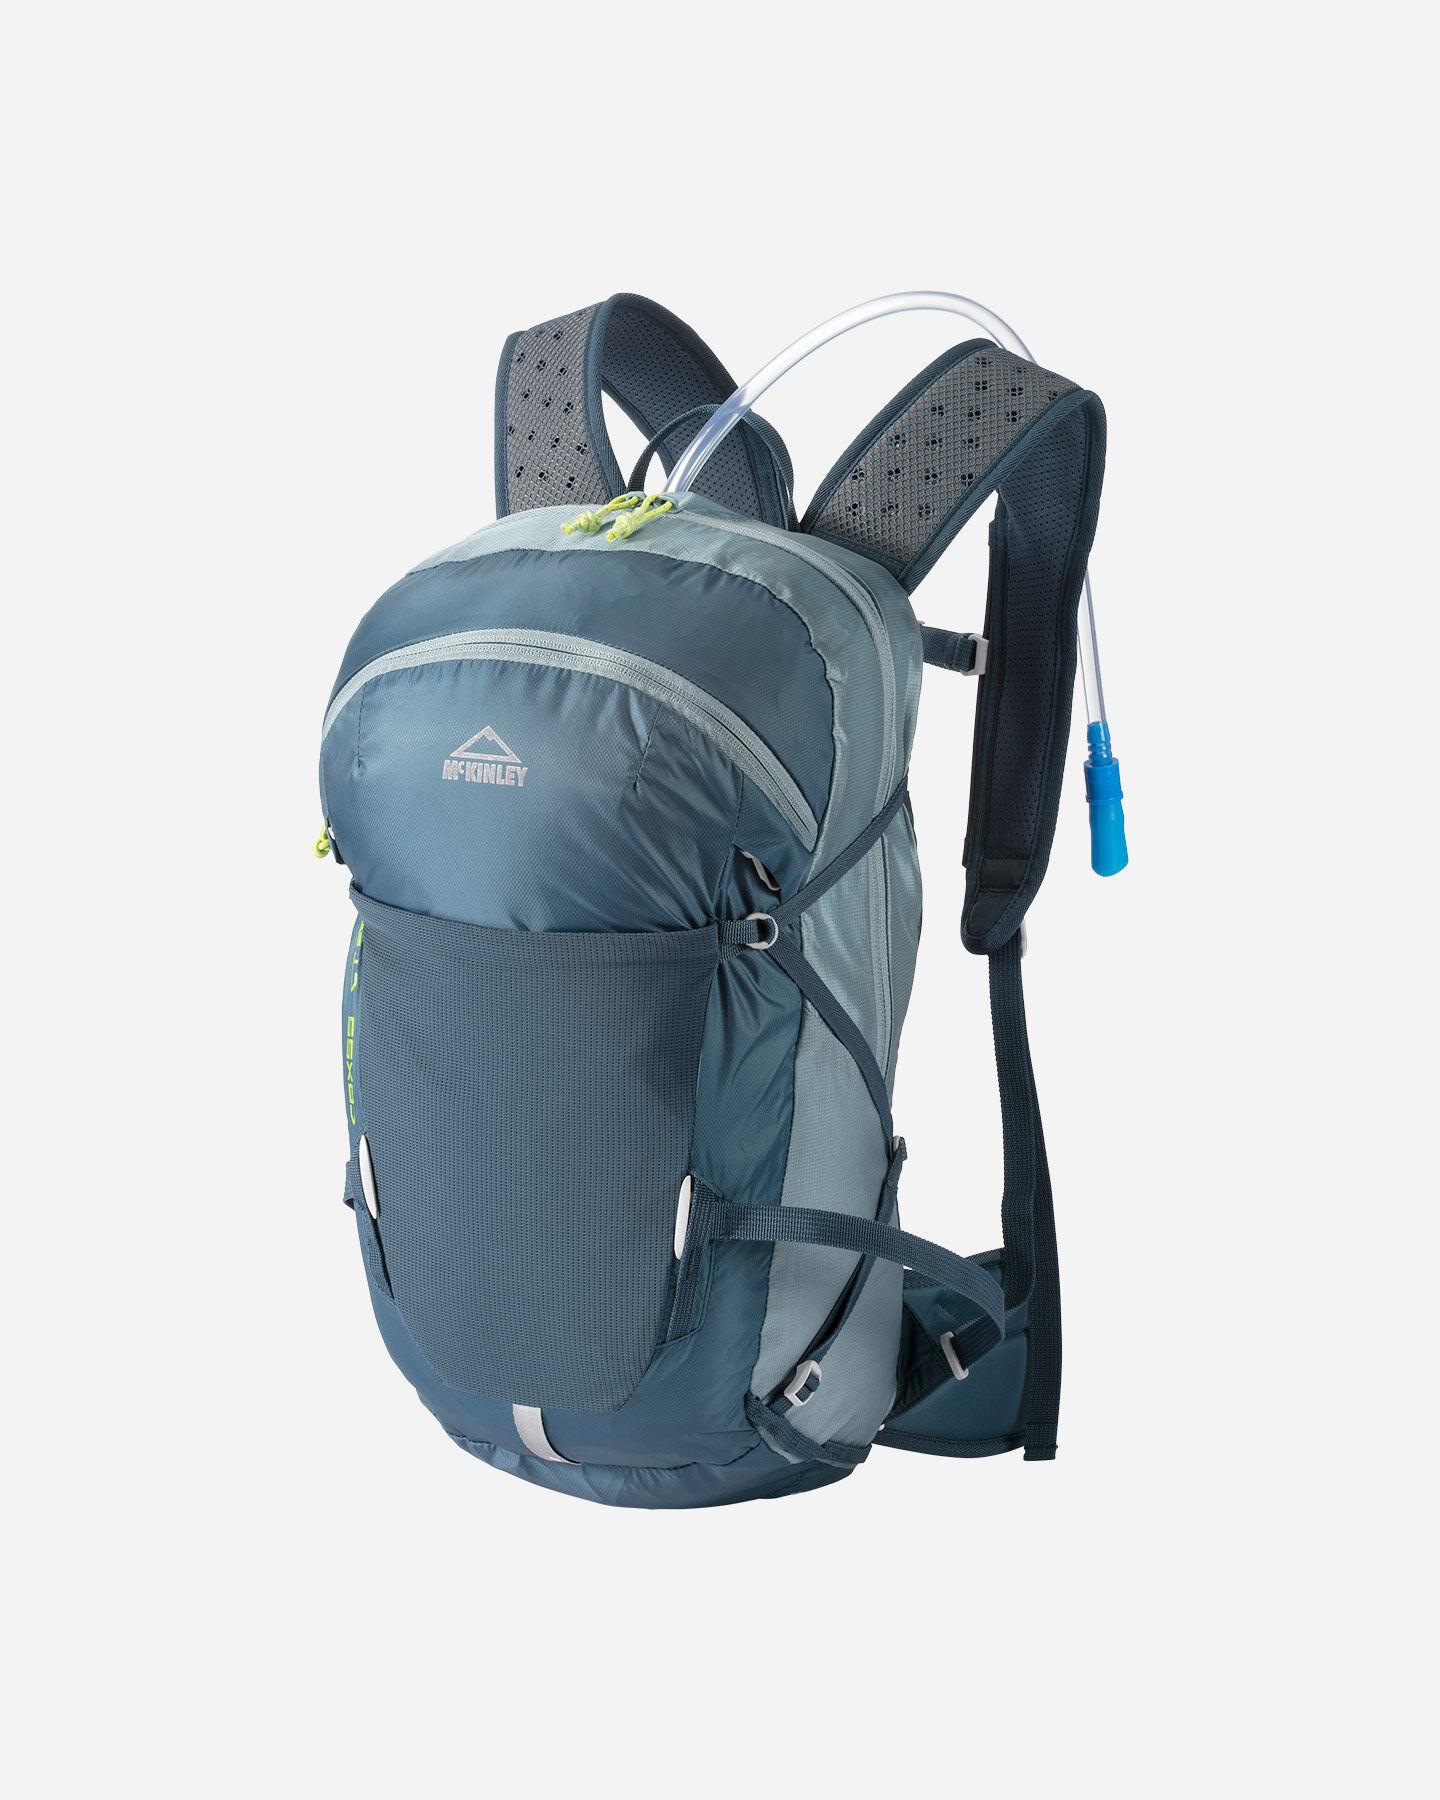 Zaino trail running MCKINLEY CRXSS CT 14 S2004602|900|14 scatto 0